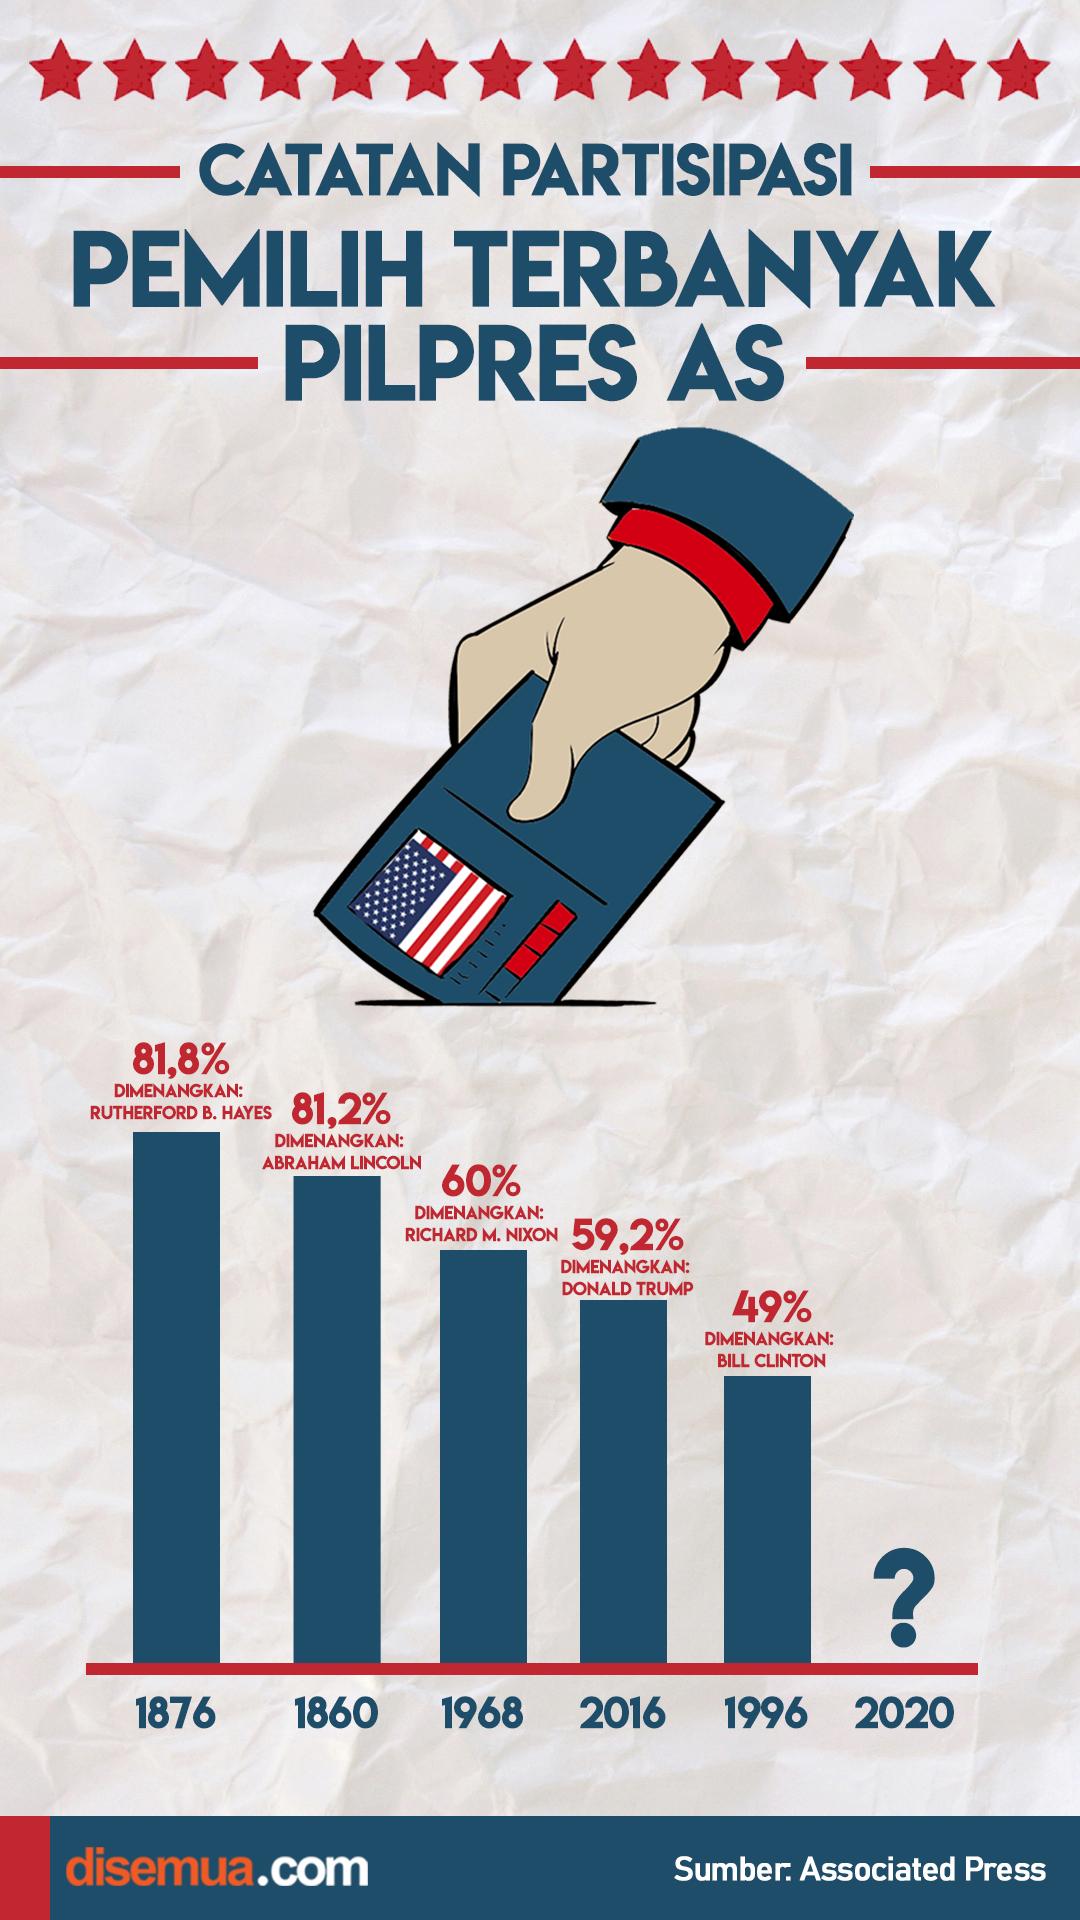 Catatan Partisipasi Pemilih Terbanyak di Pilpres AS